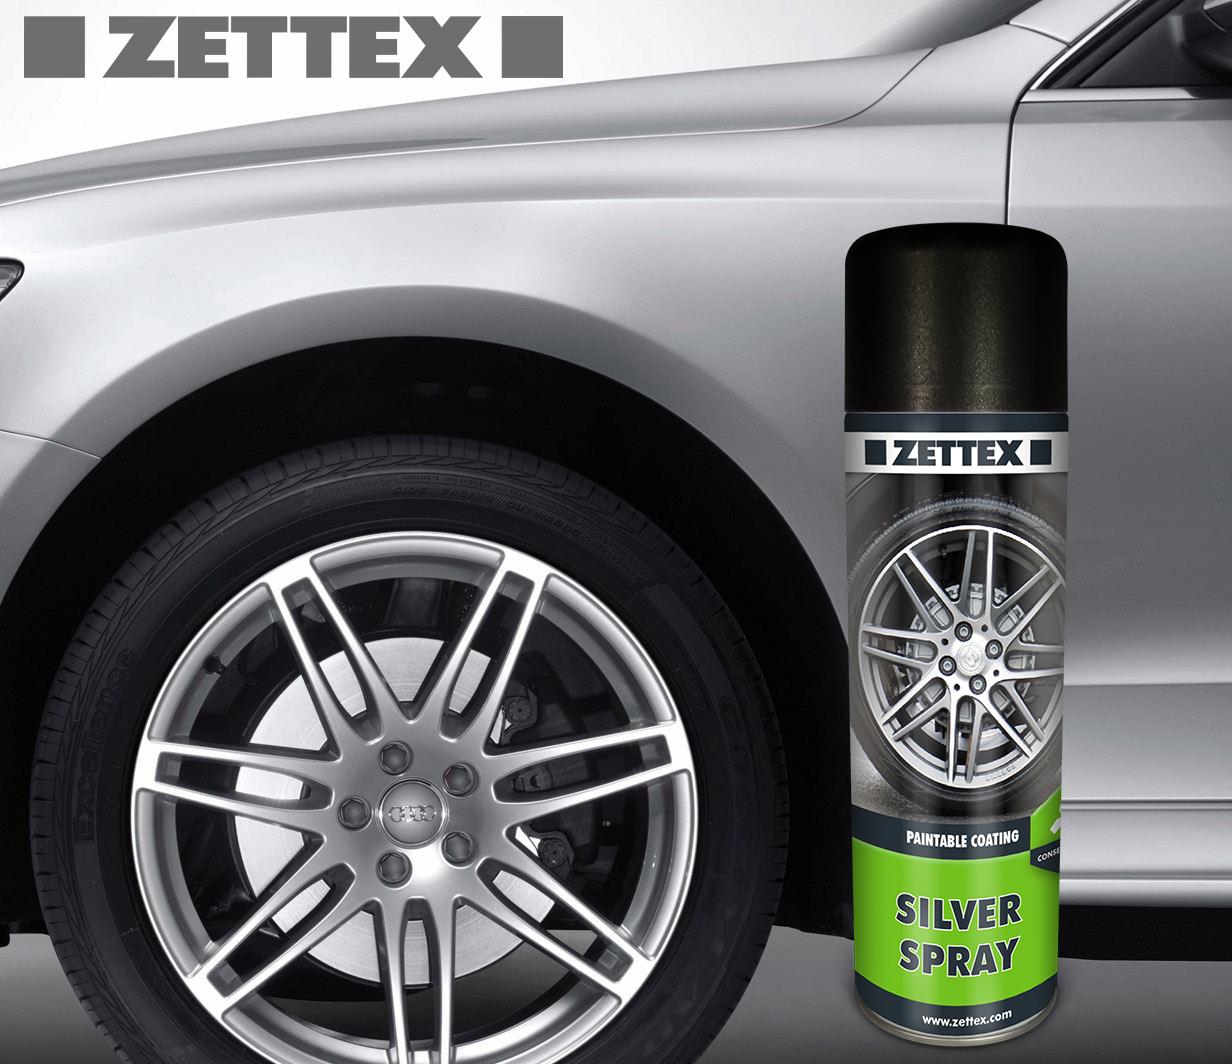 اسپری پوششی (حاوی) روی زتکس Zettex Silver Spray